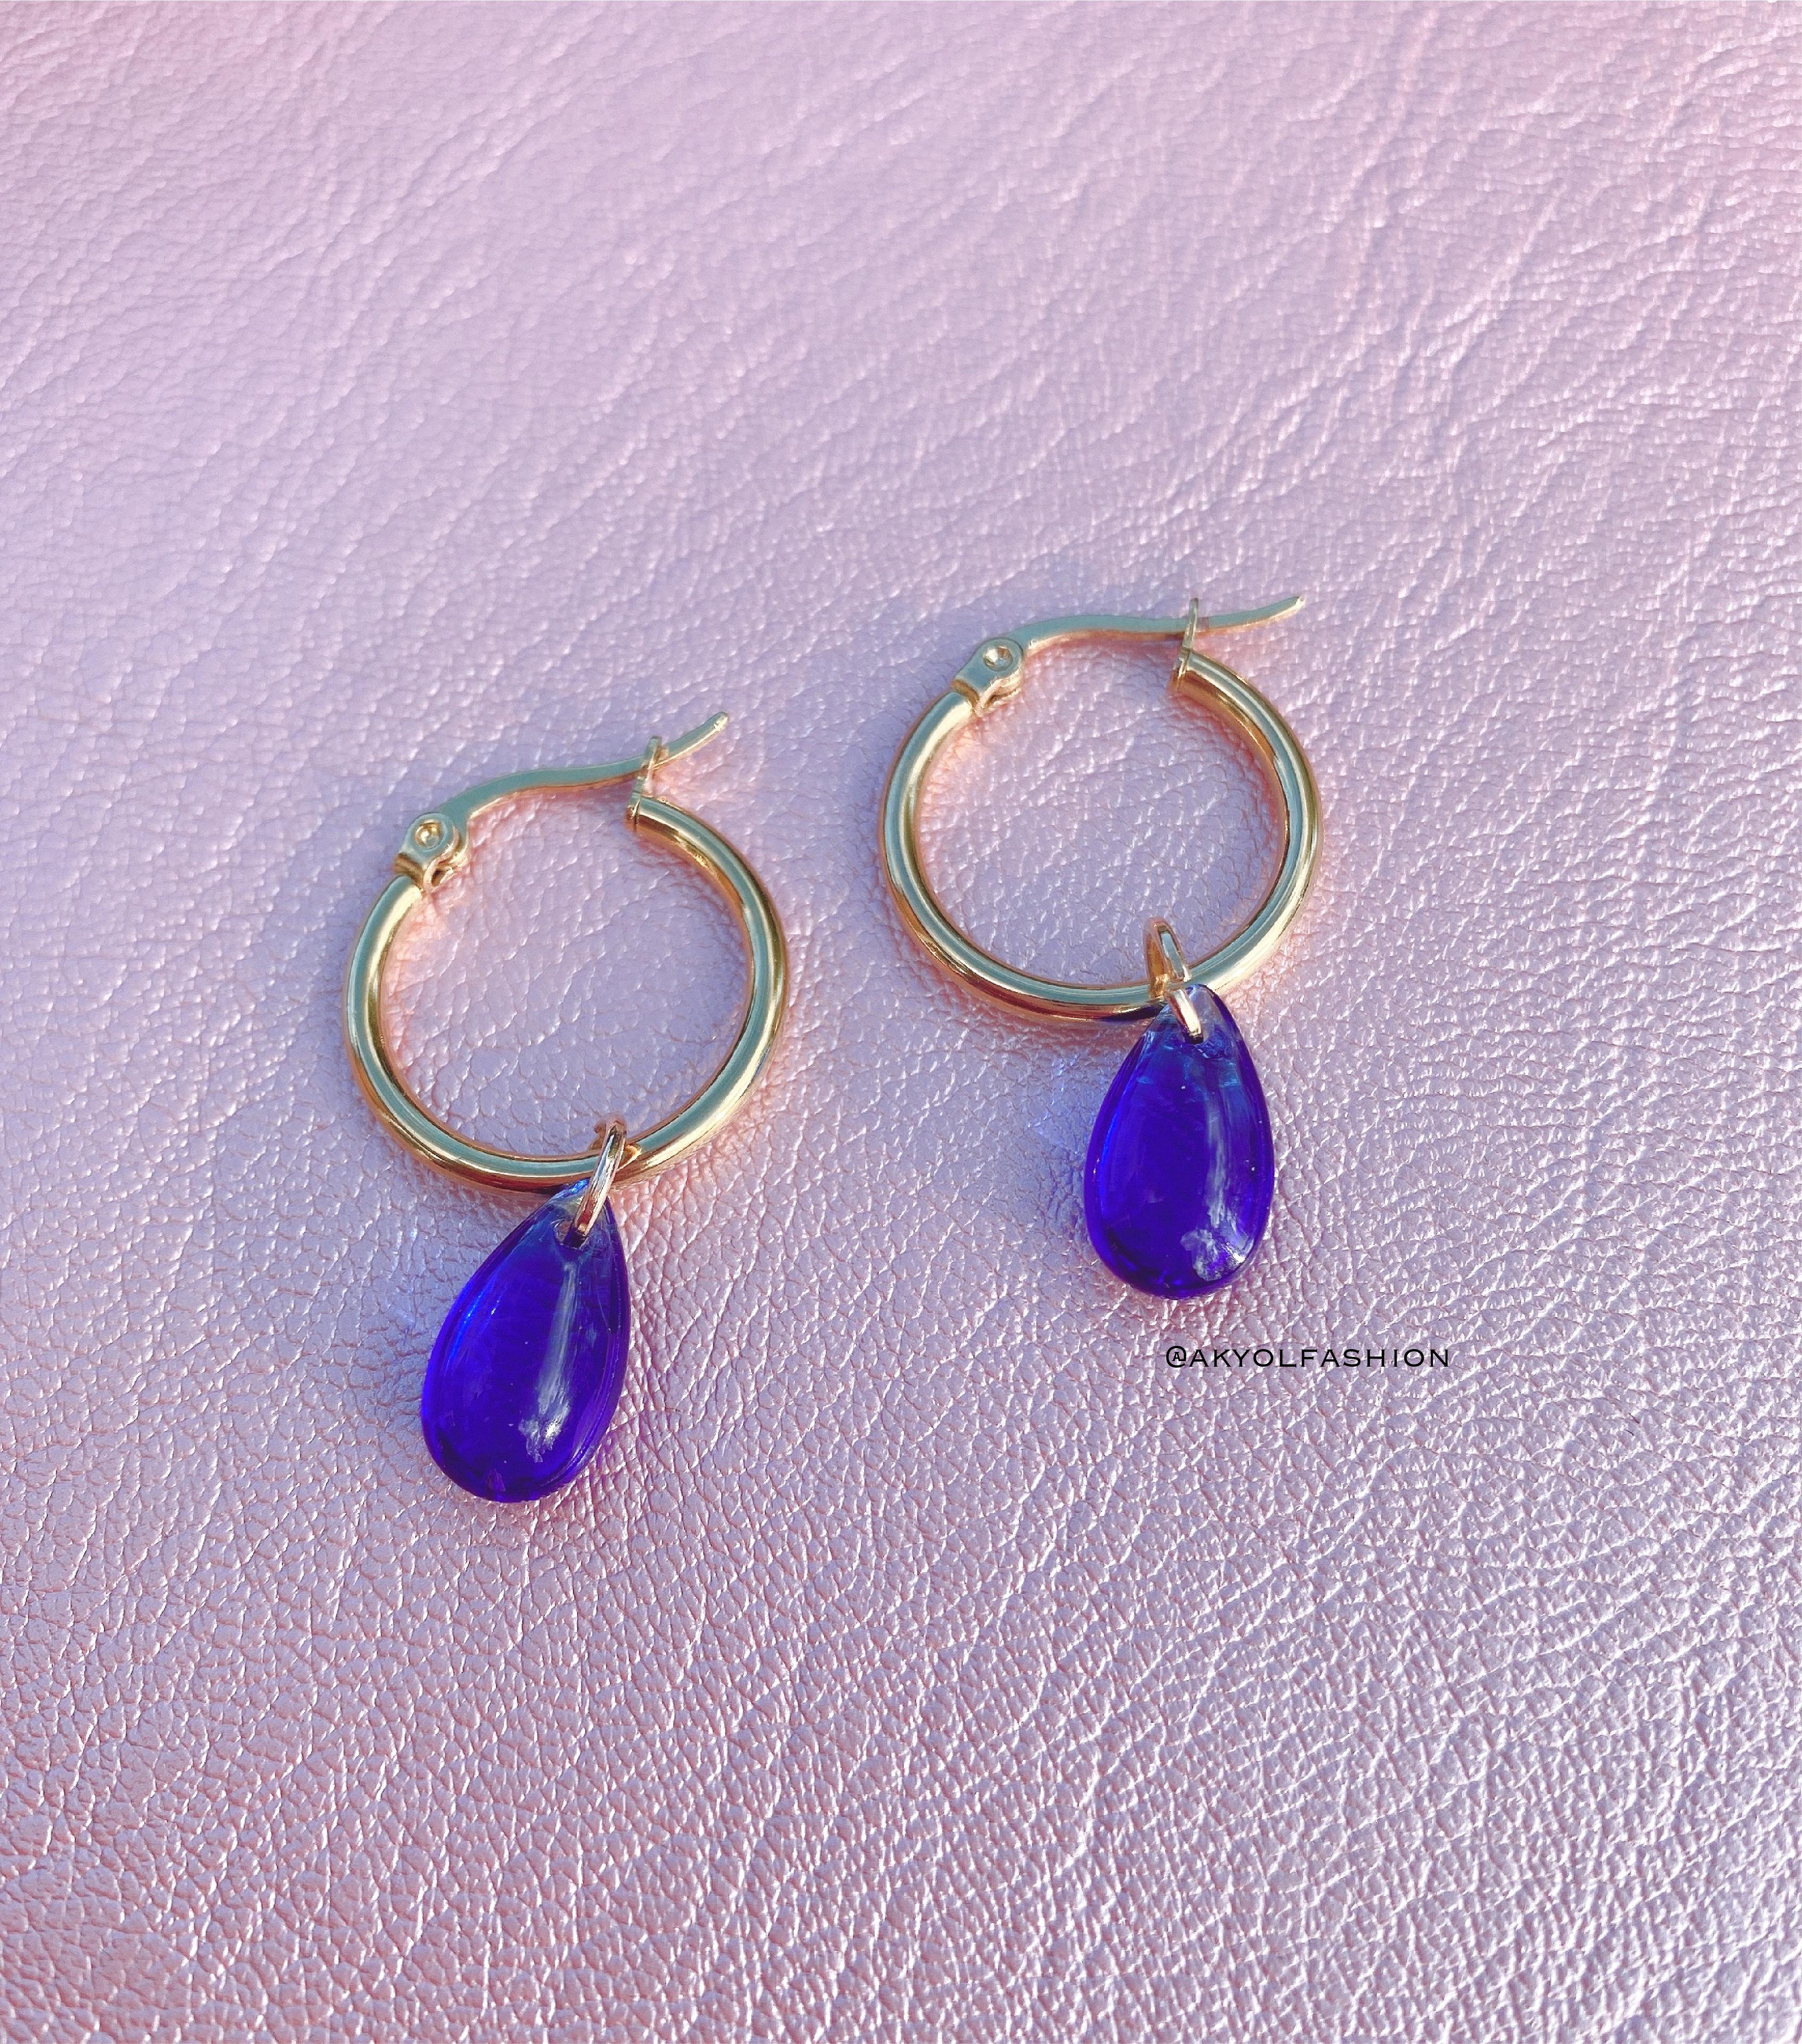 Gold Hoop Earrings With Blue Tear Drops